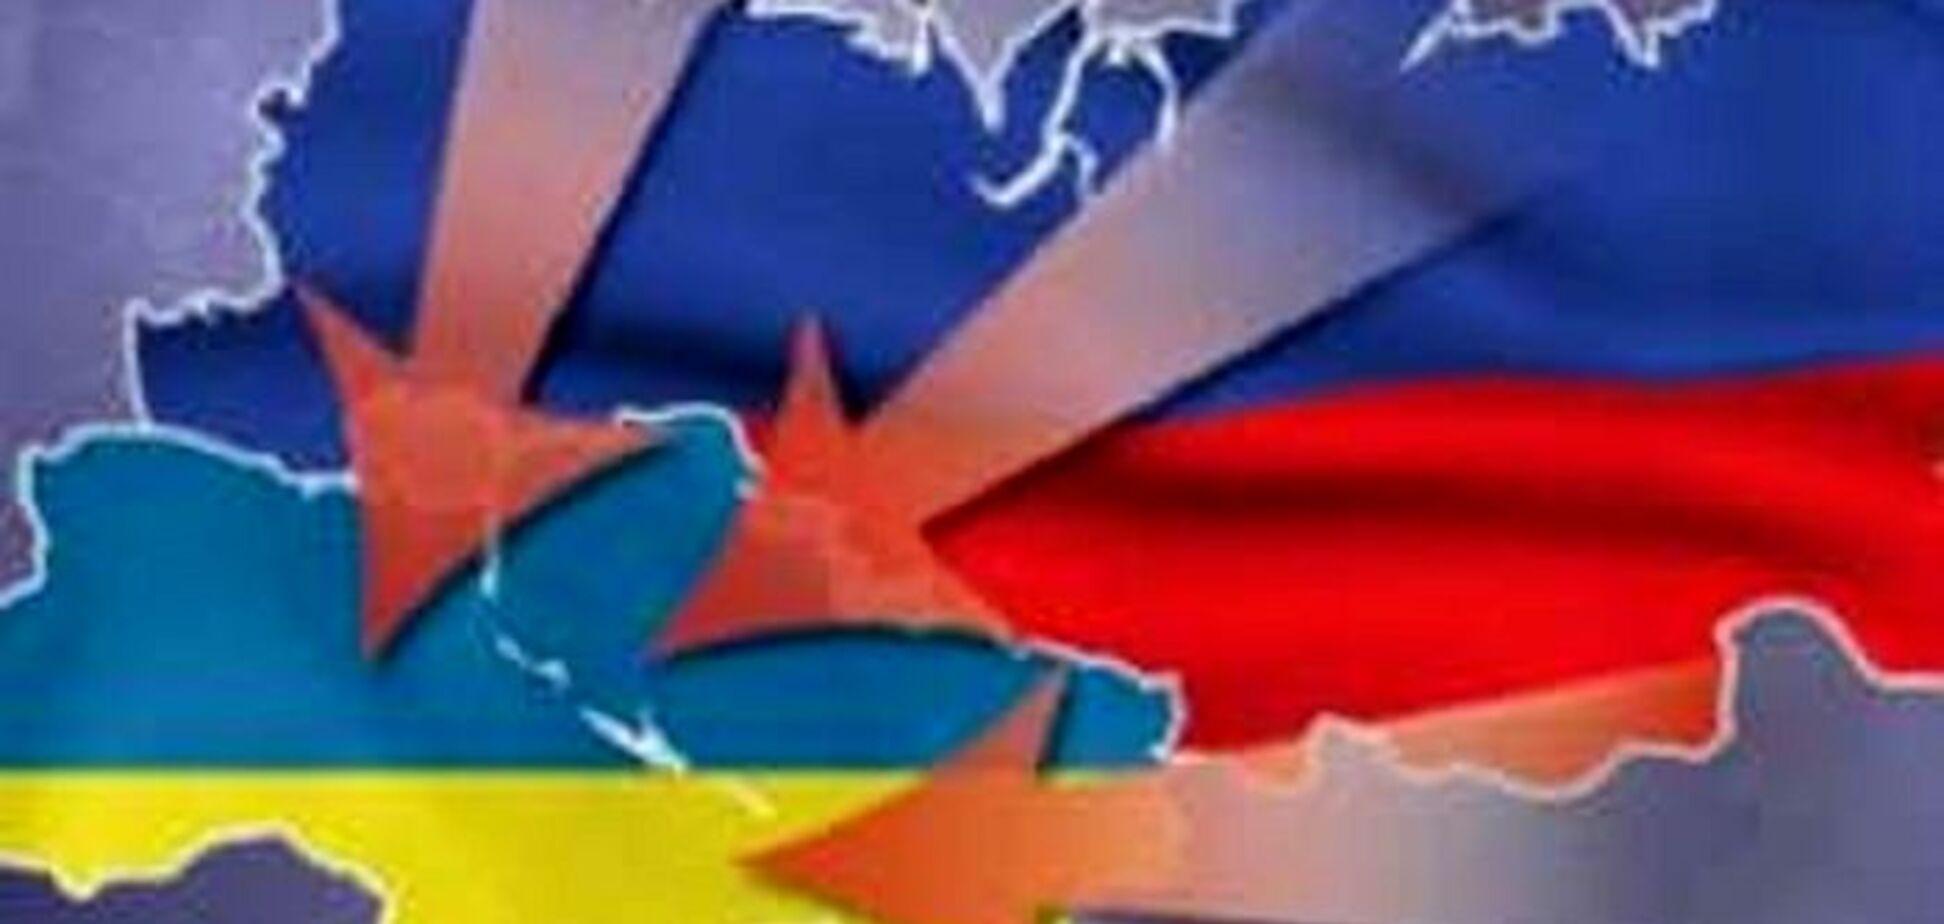 Повзуча анексія: як компанії з 'російським духом' ведуть бізнес в Україні